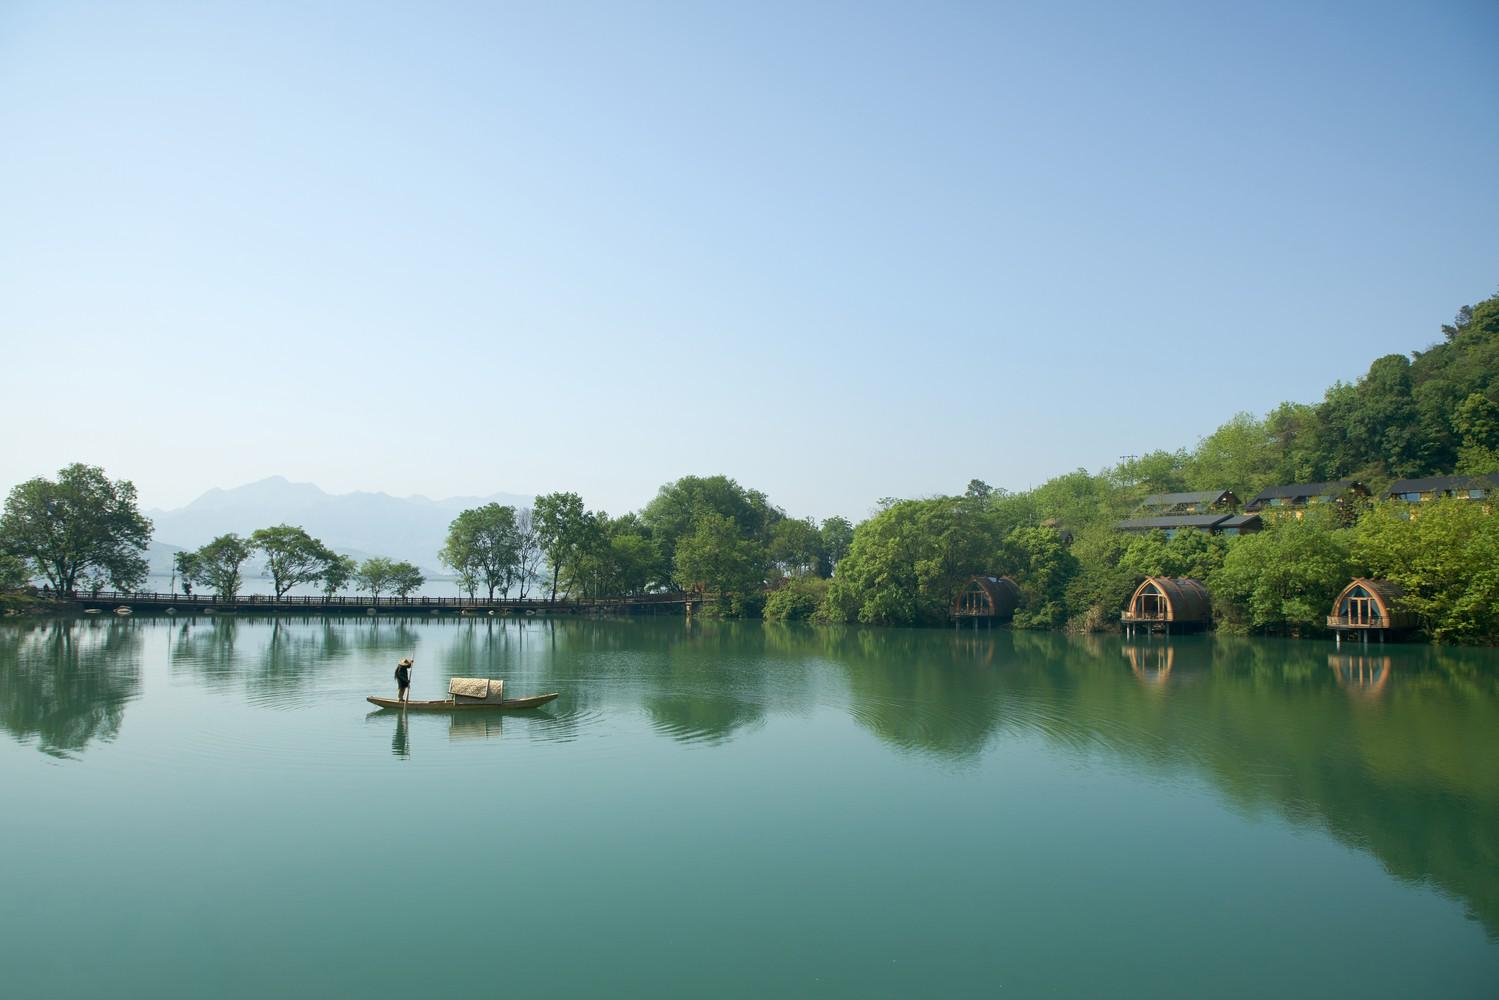 Ngắm ngôi nhà thuyền ven sông đẹp như một bức tranh thủy mặc - Ảnh 2.